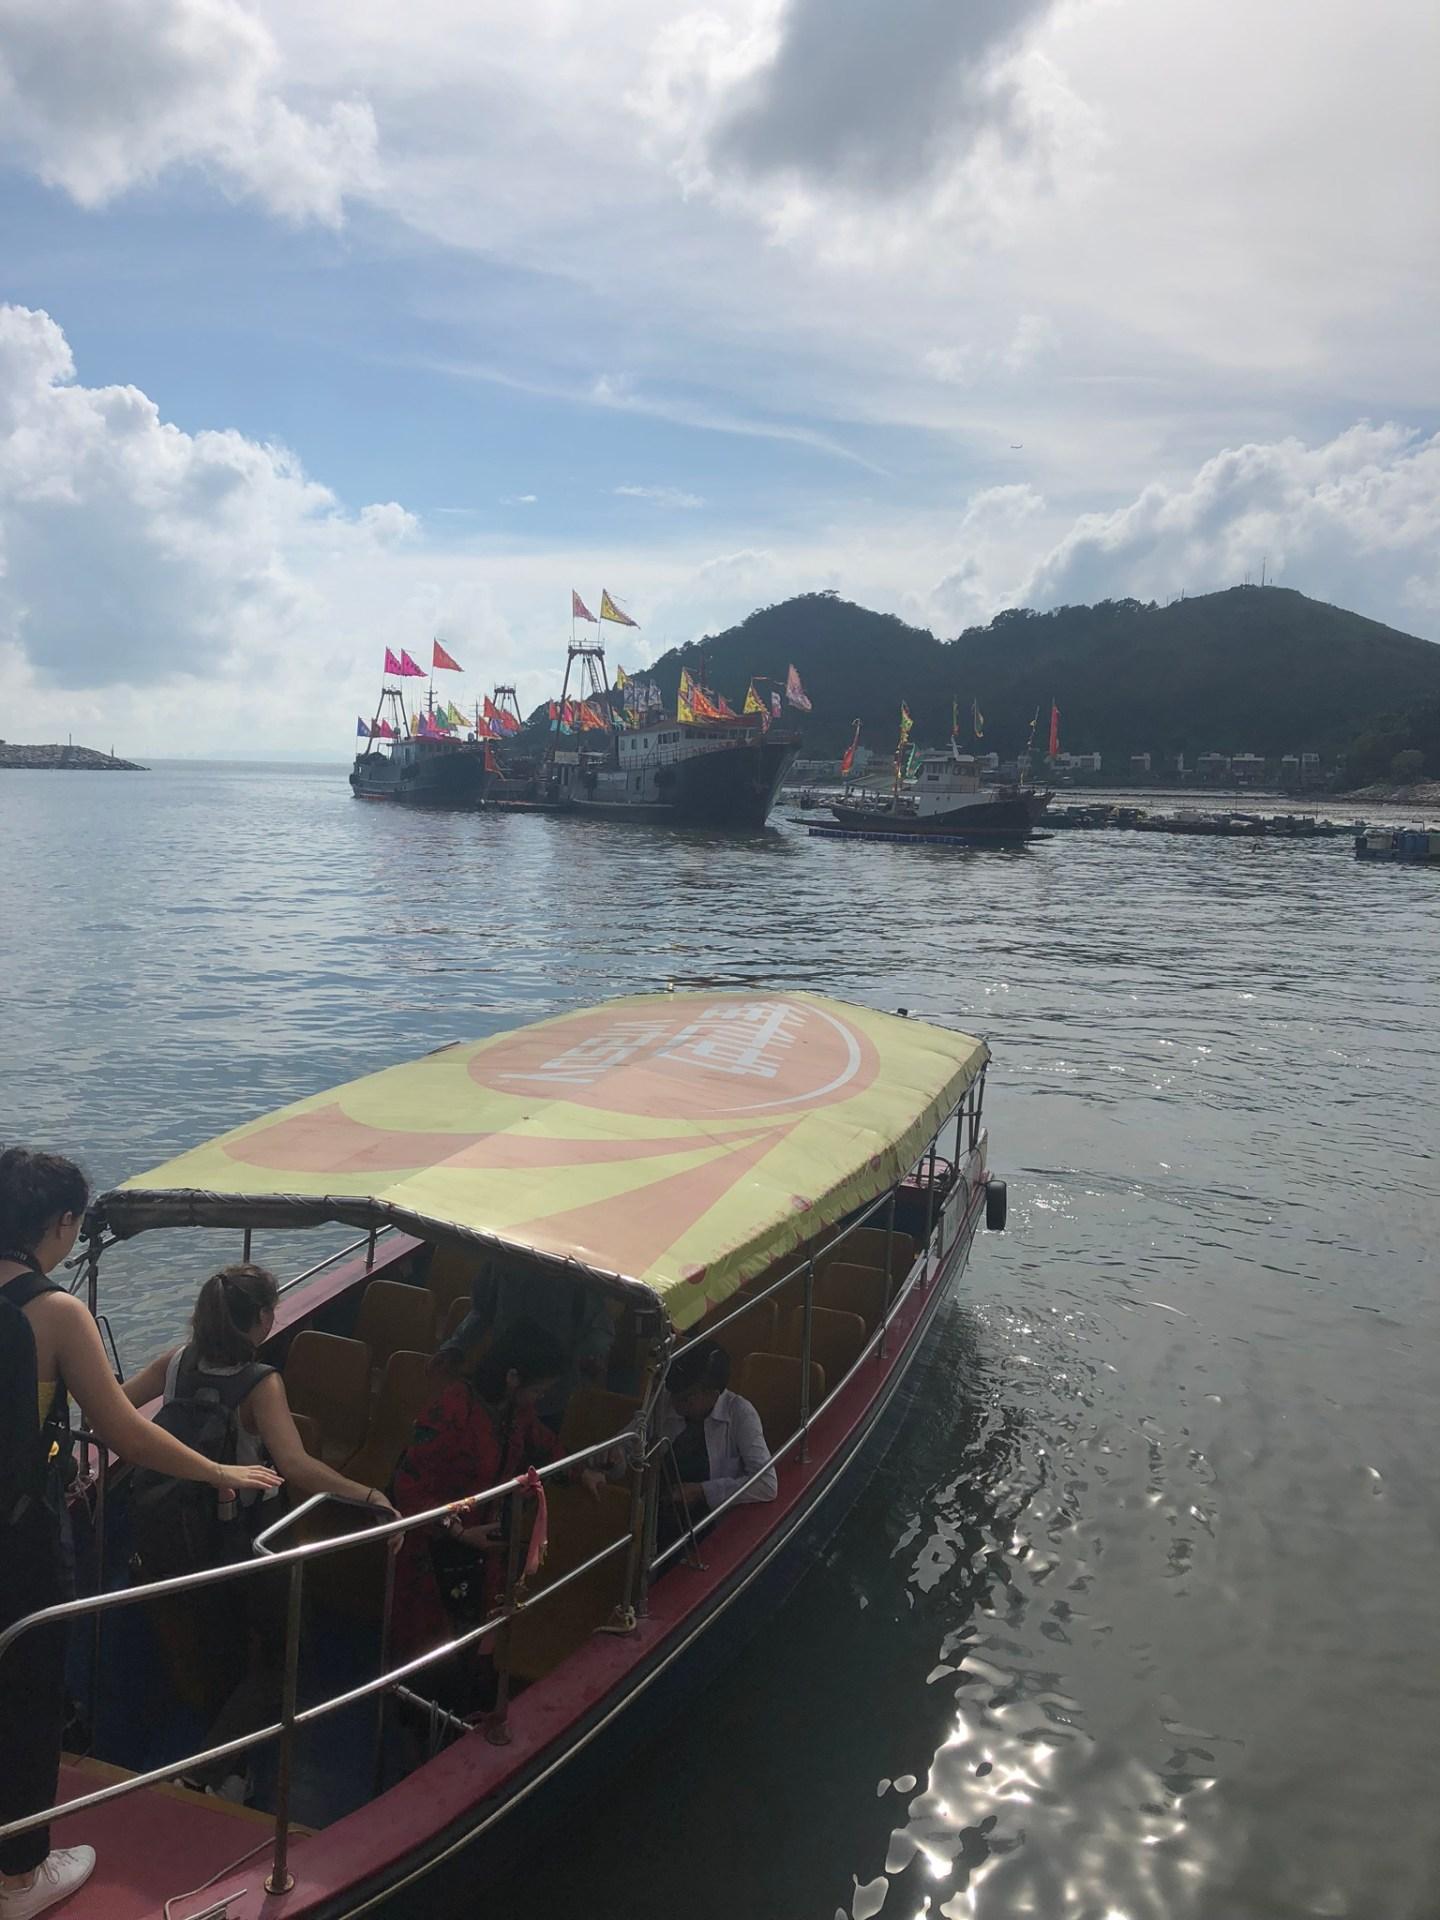 Boats at Tai O Fishing Village